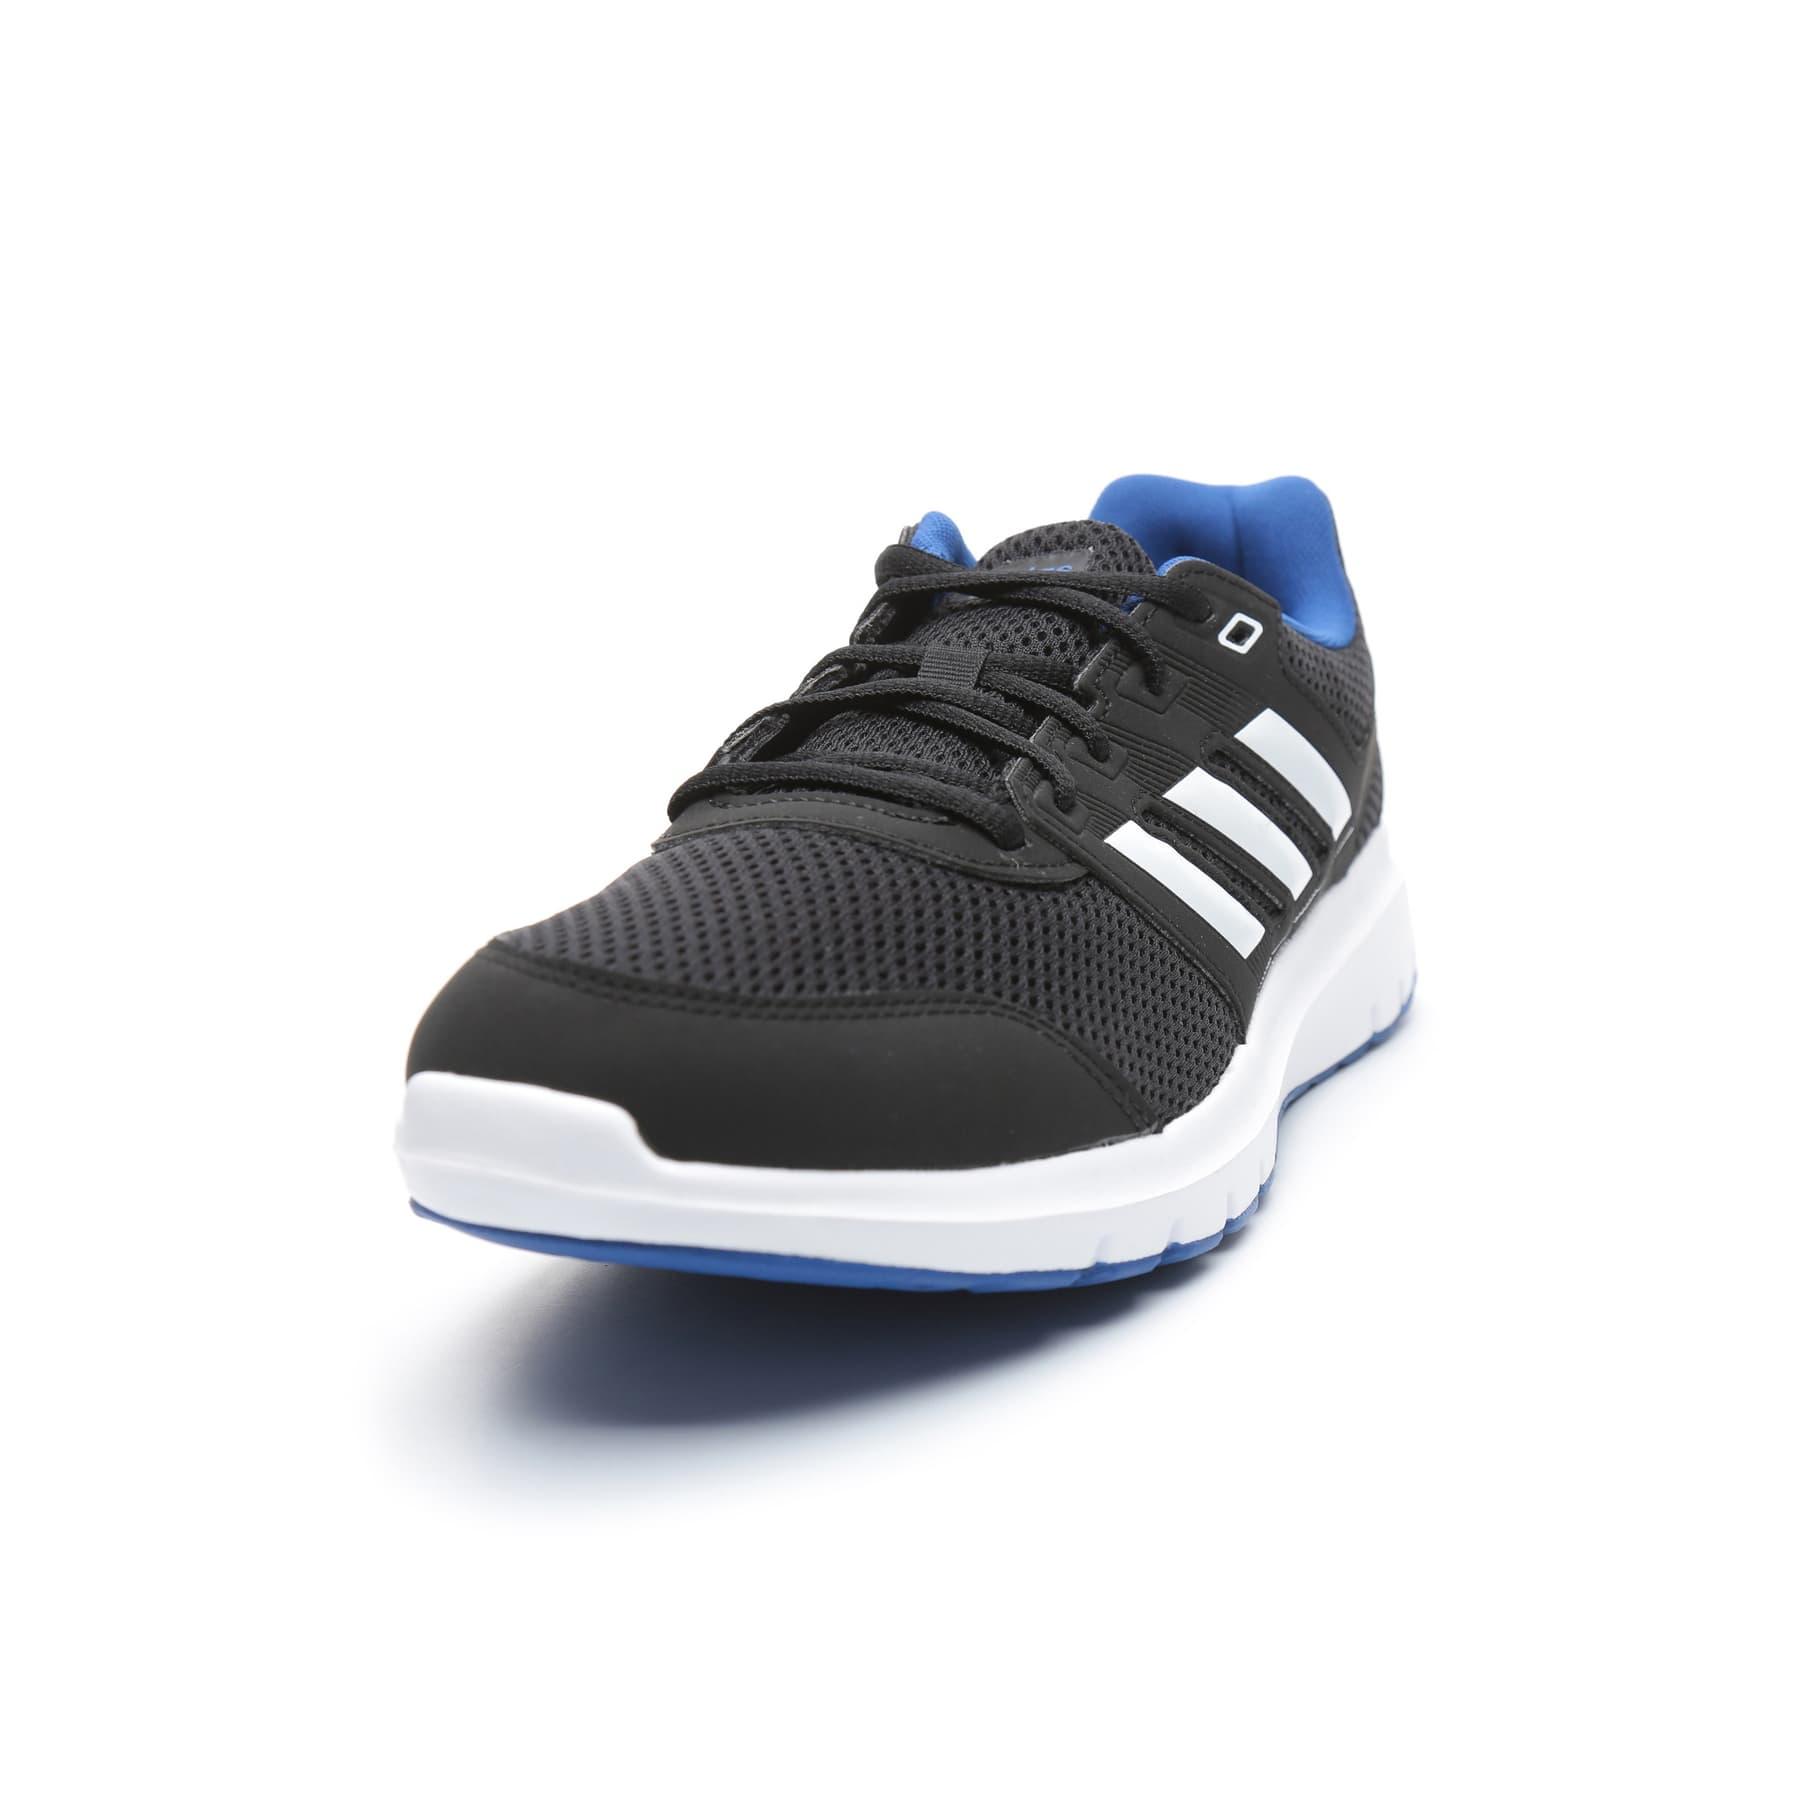 Duramo Lite 2.0 Erkek Siyah Koşu Yürüyüş Ayakkabısı